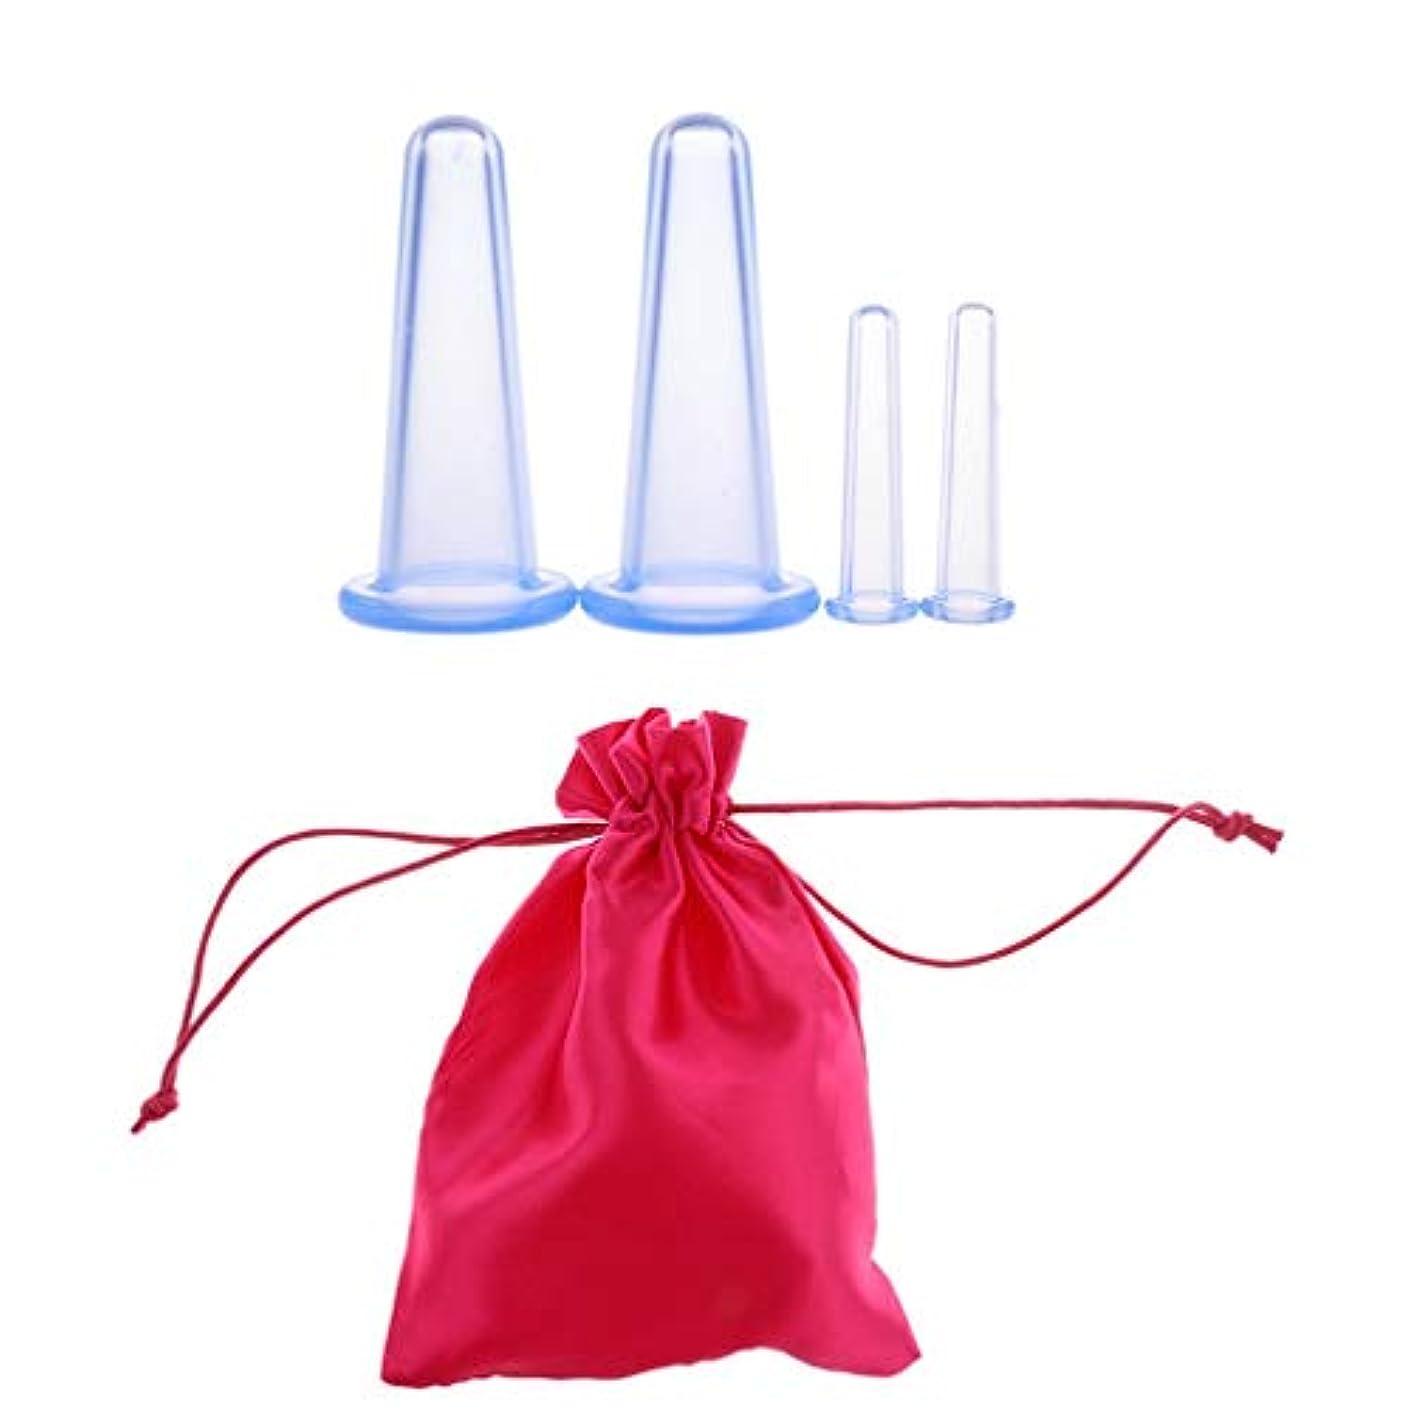 小川ショットソーシャル4 Pieces Silicone Body Facial Cupping Set Anti Cellulite Massage Vacuum Cups suit for Lifting Massage Face Eye...